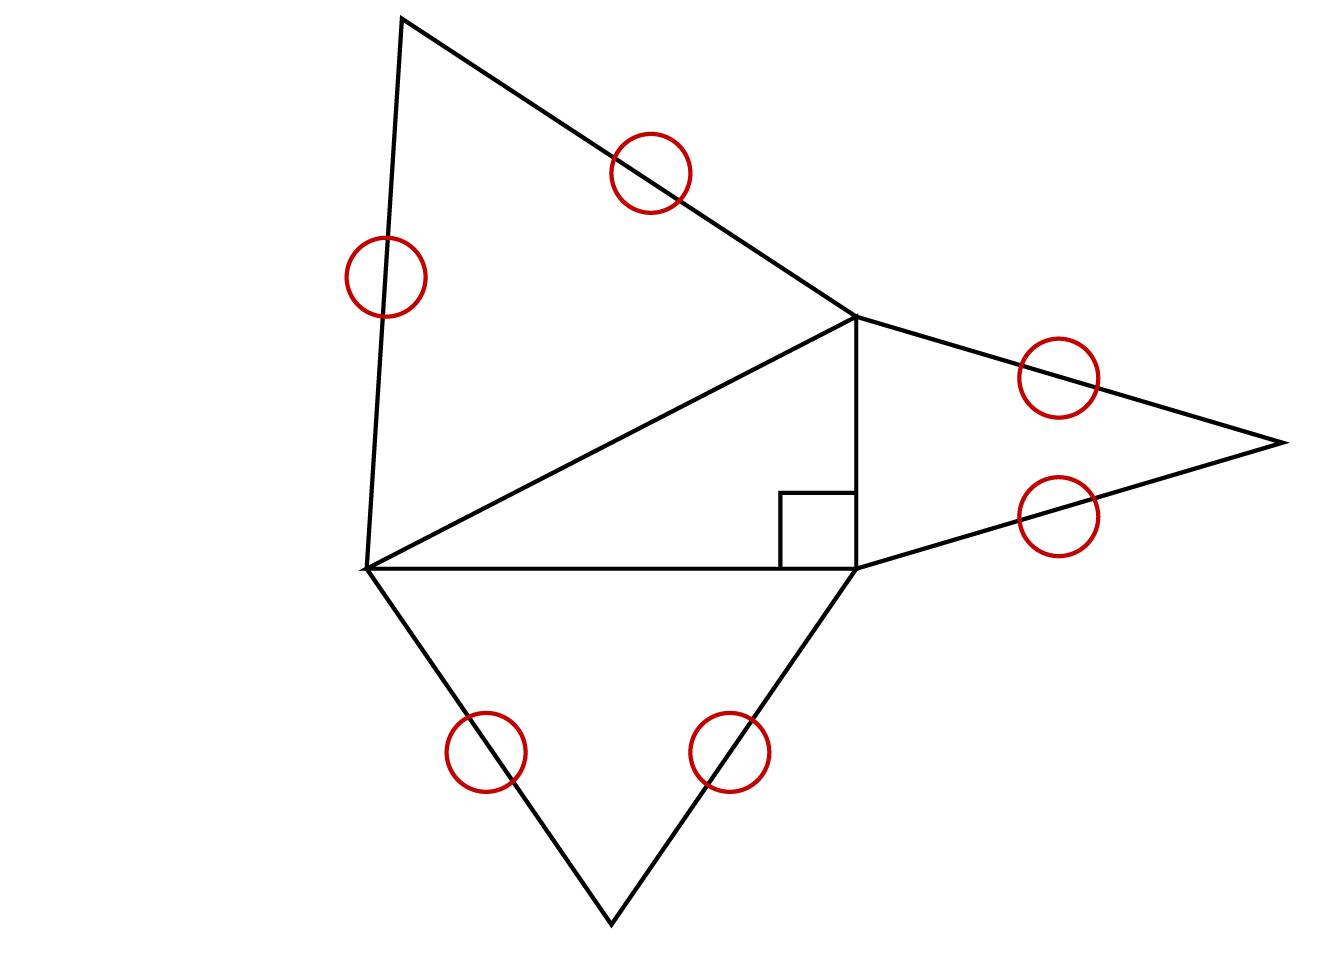 三角錐の展開図